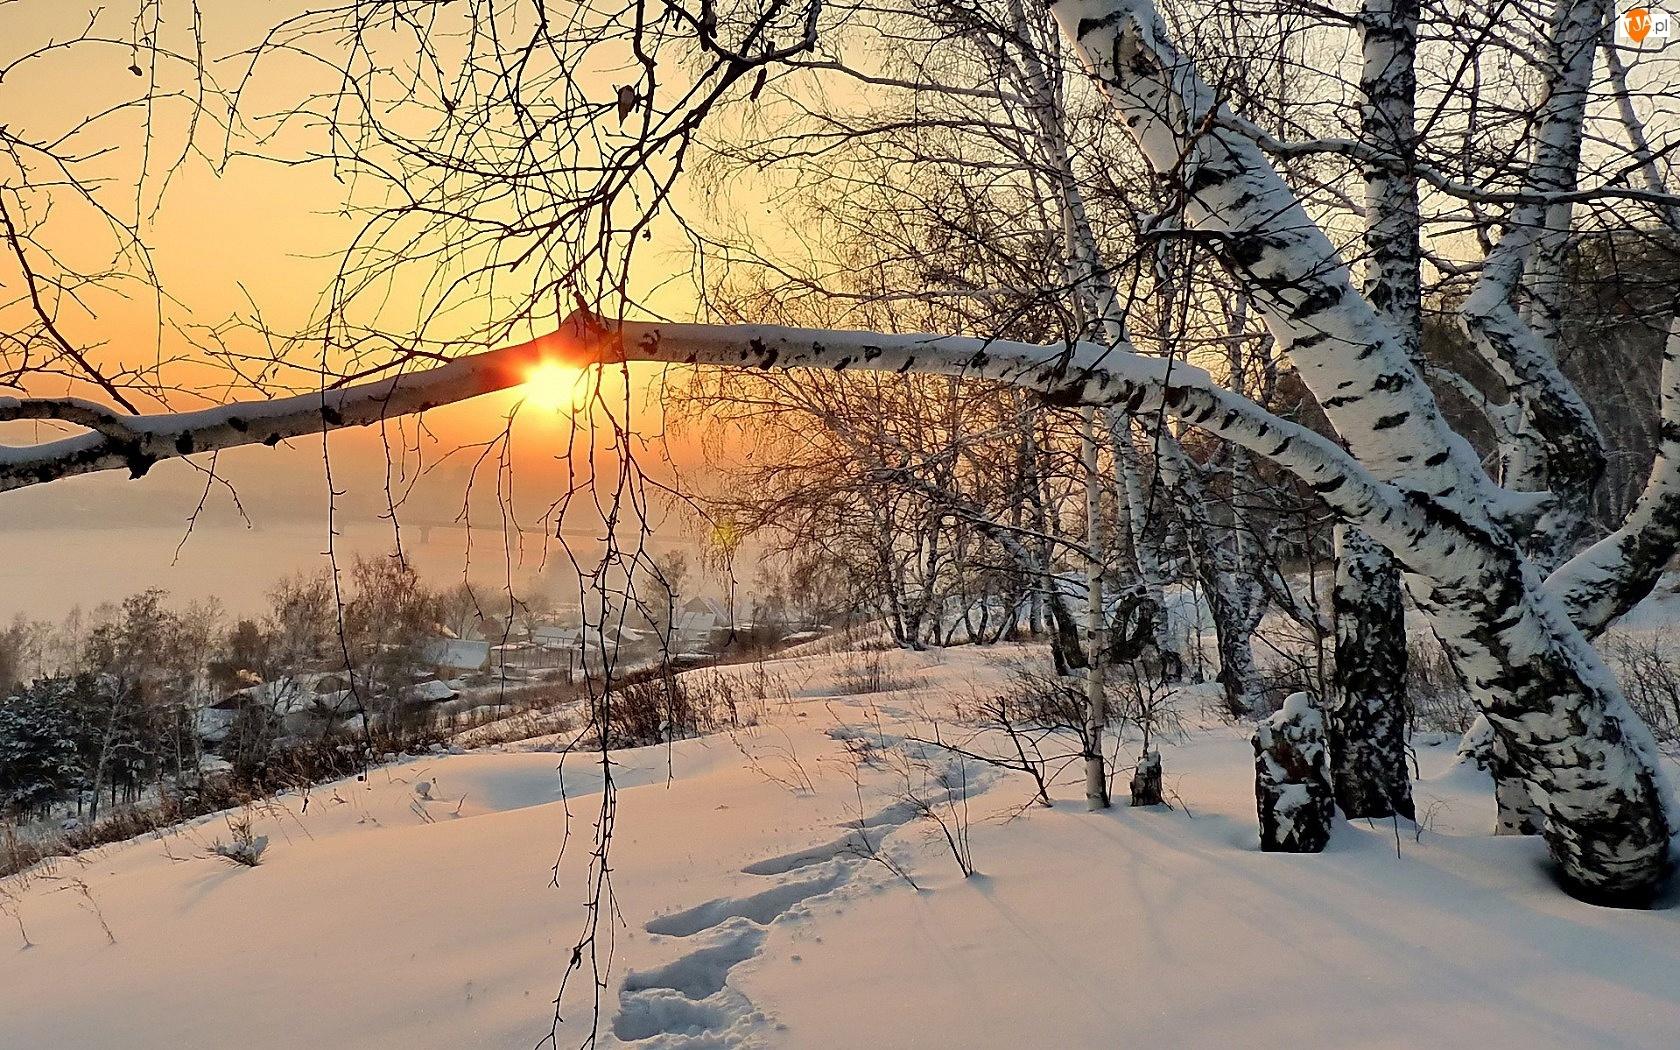 Brzoza, Zachód, Śnieg, Zima, Domki, Ślady, Słońca